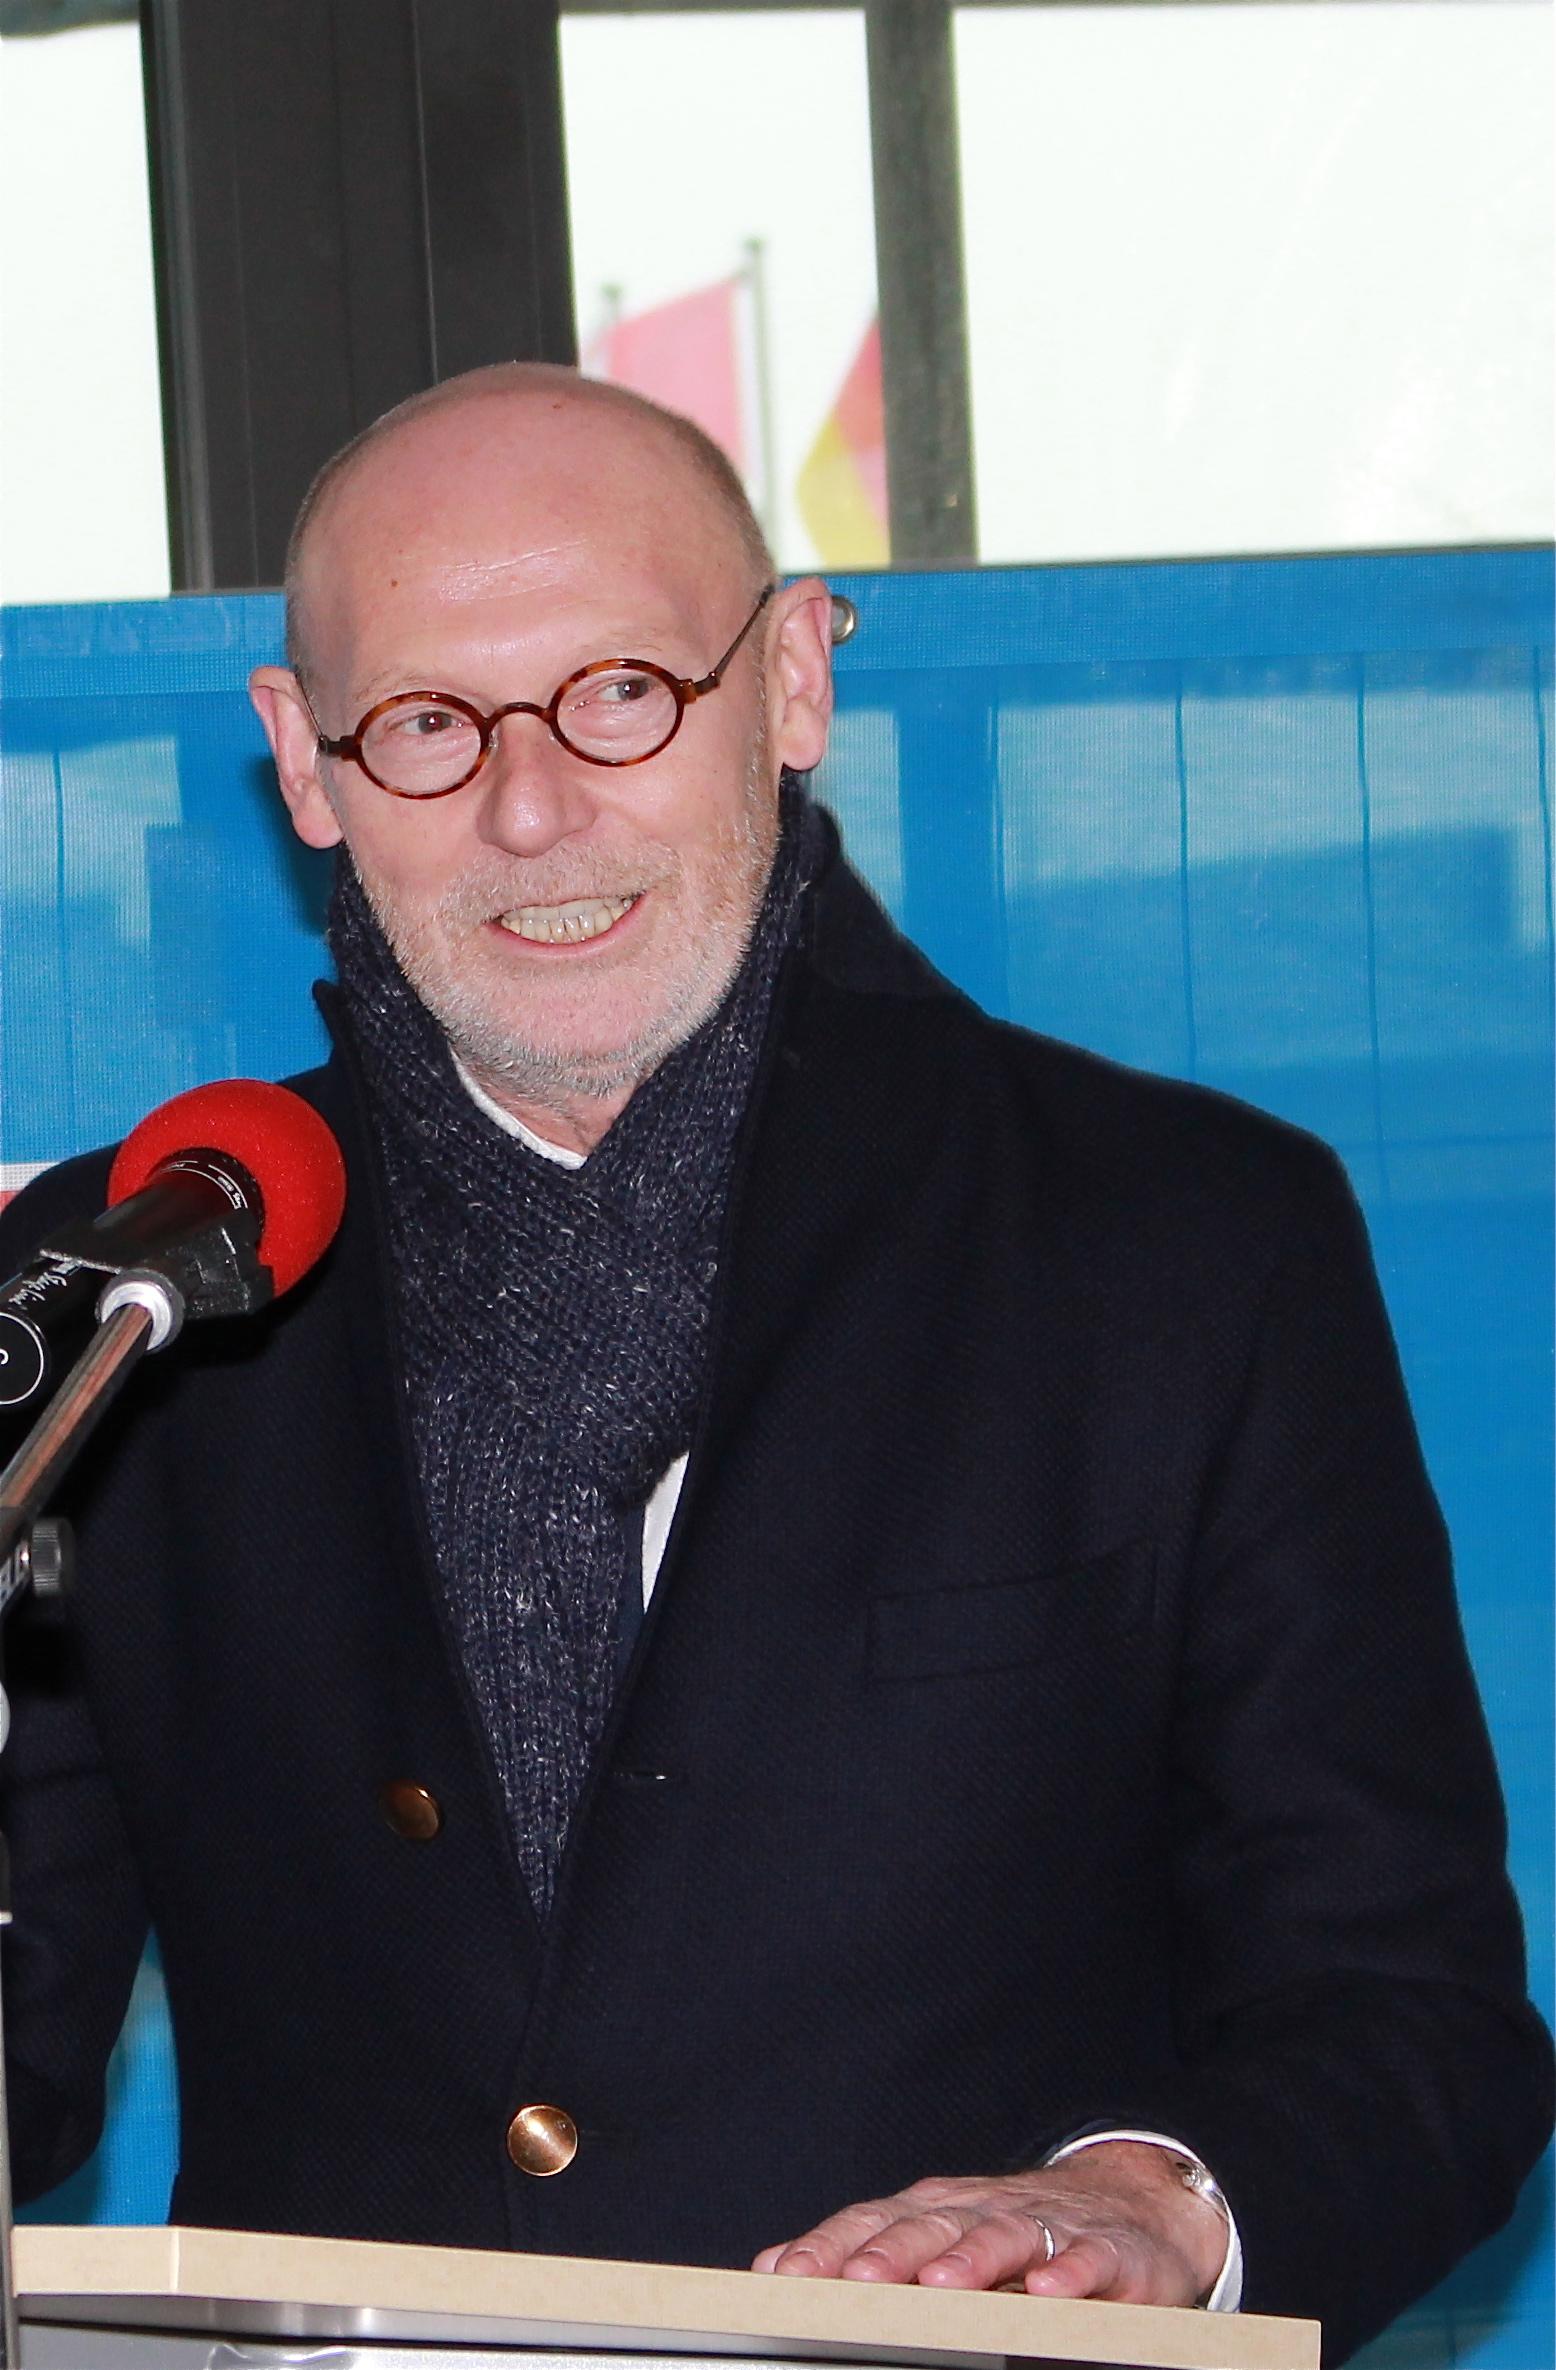 pm -Michael Westhagemann zeigte sich über die Genehmigung erfreut.